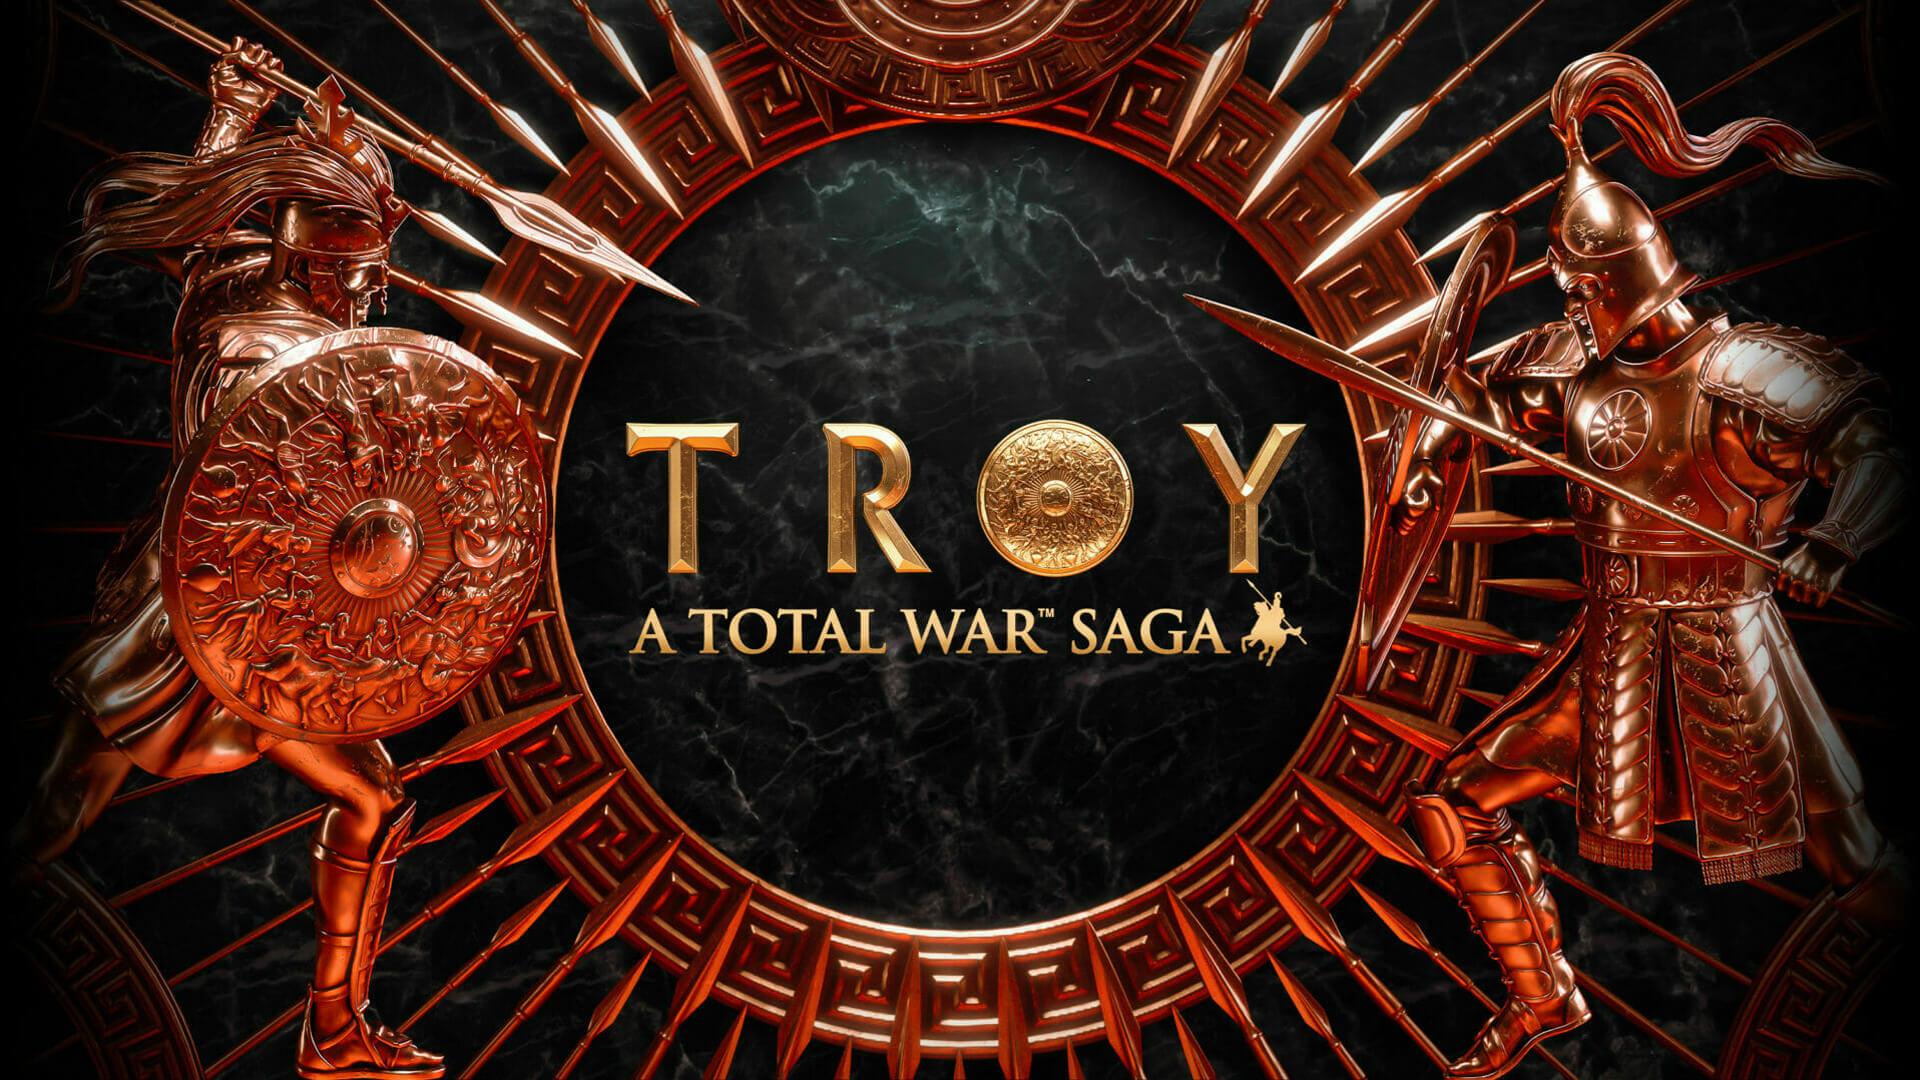 troy-total-war-saga